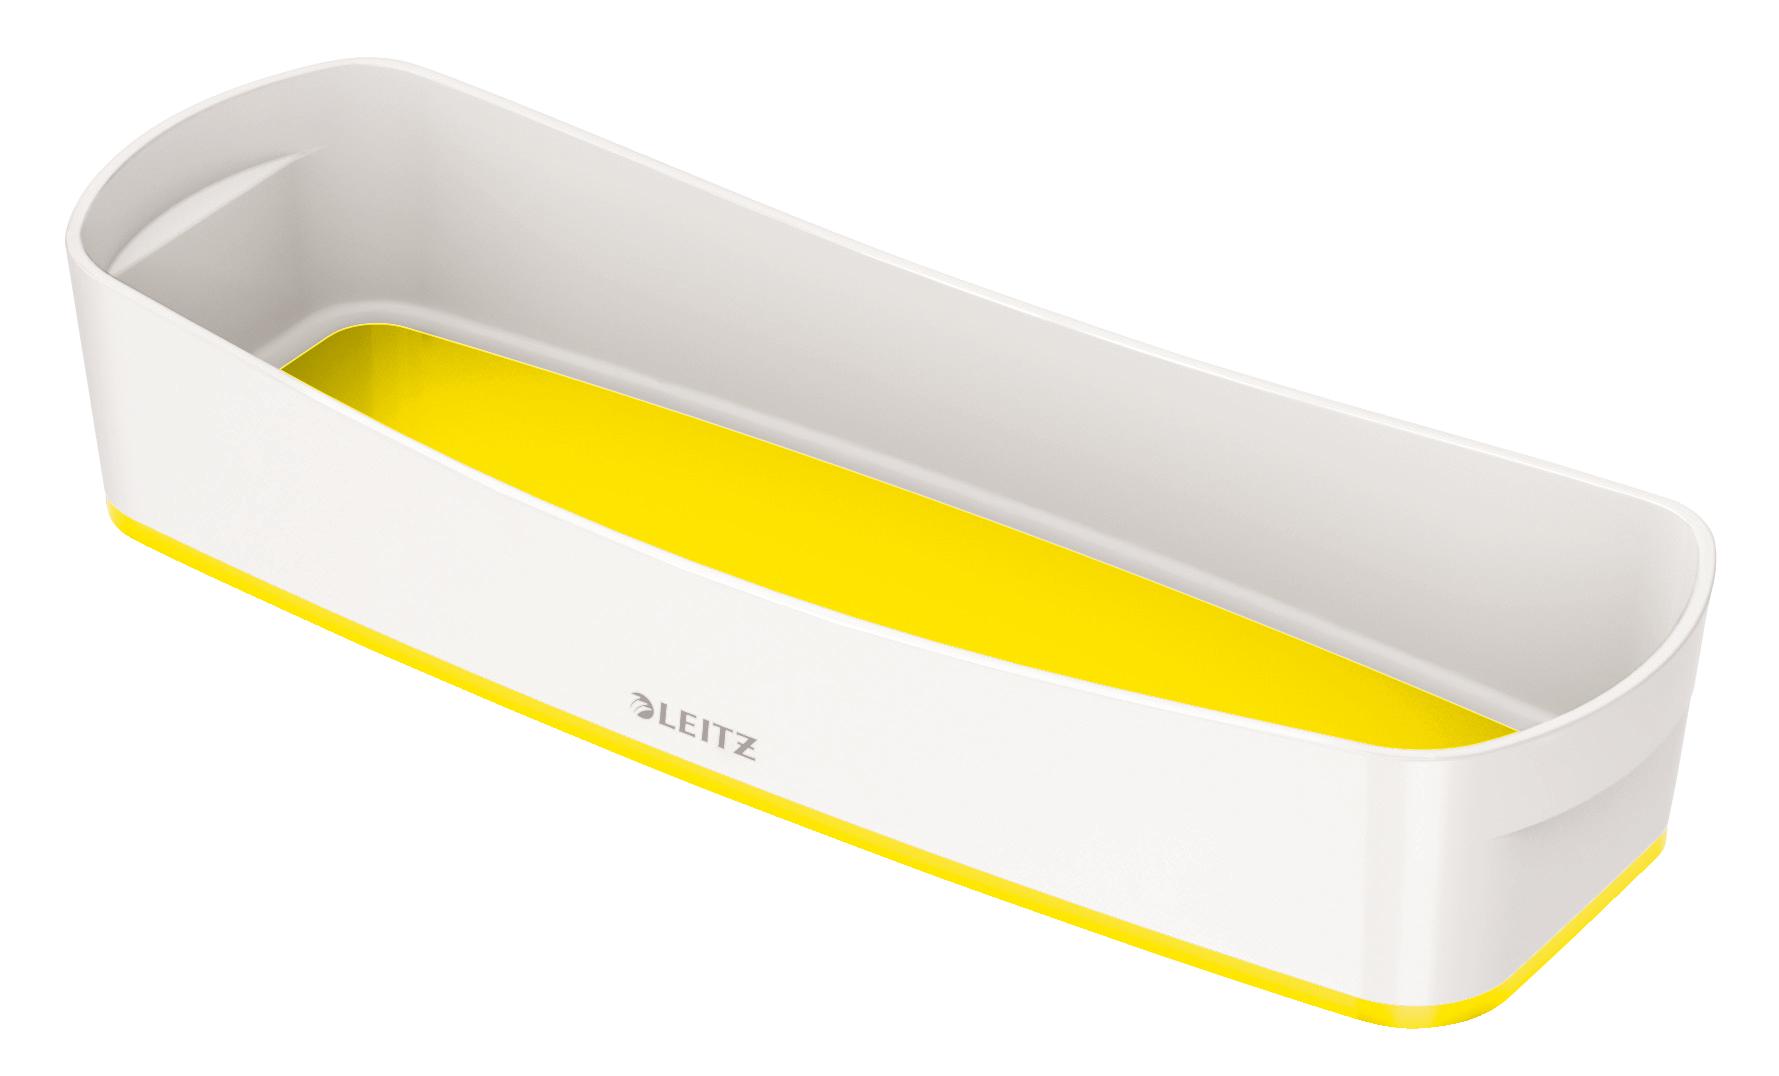 Tool Boxes Leitz MyBox Tray Organiser WOW White Yellow